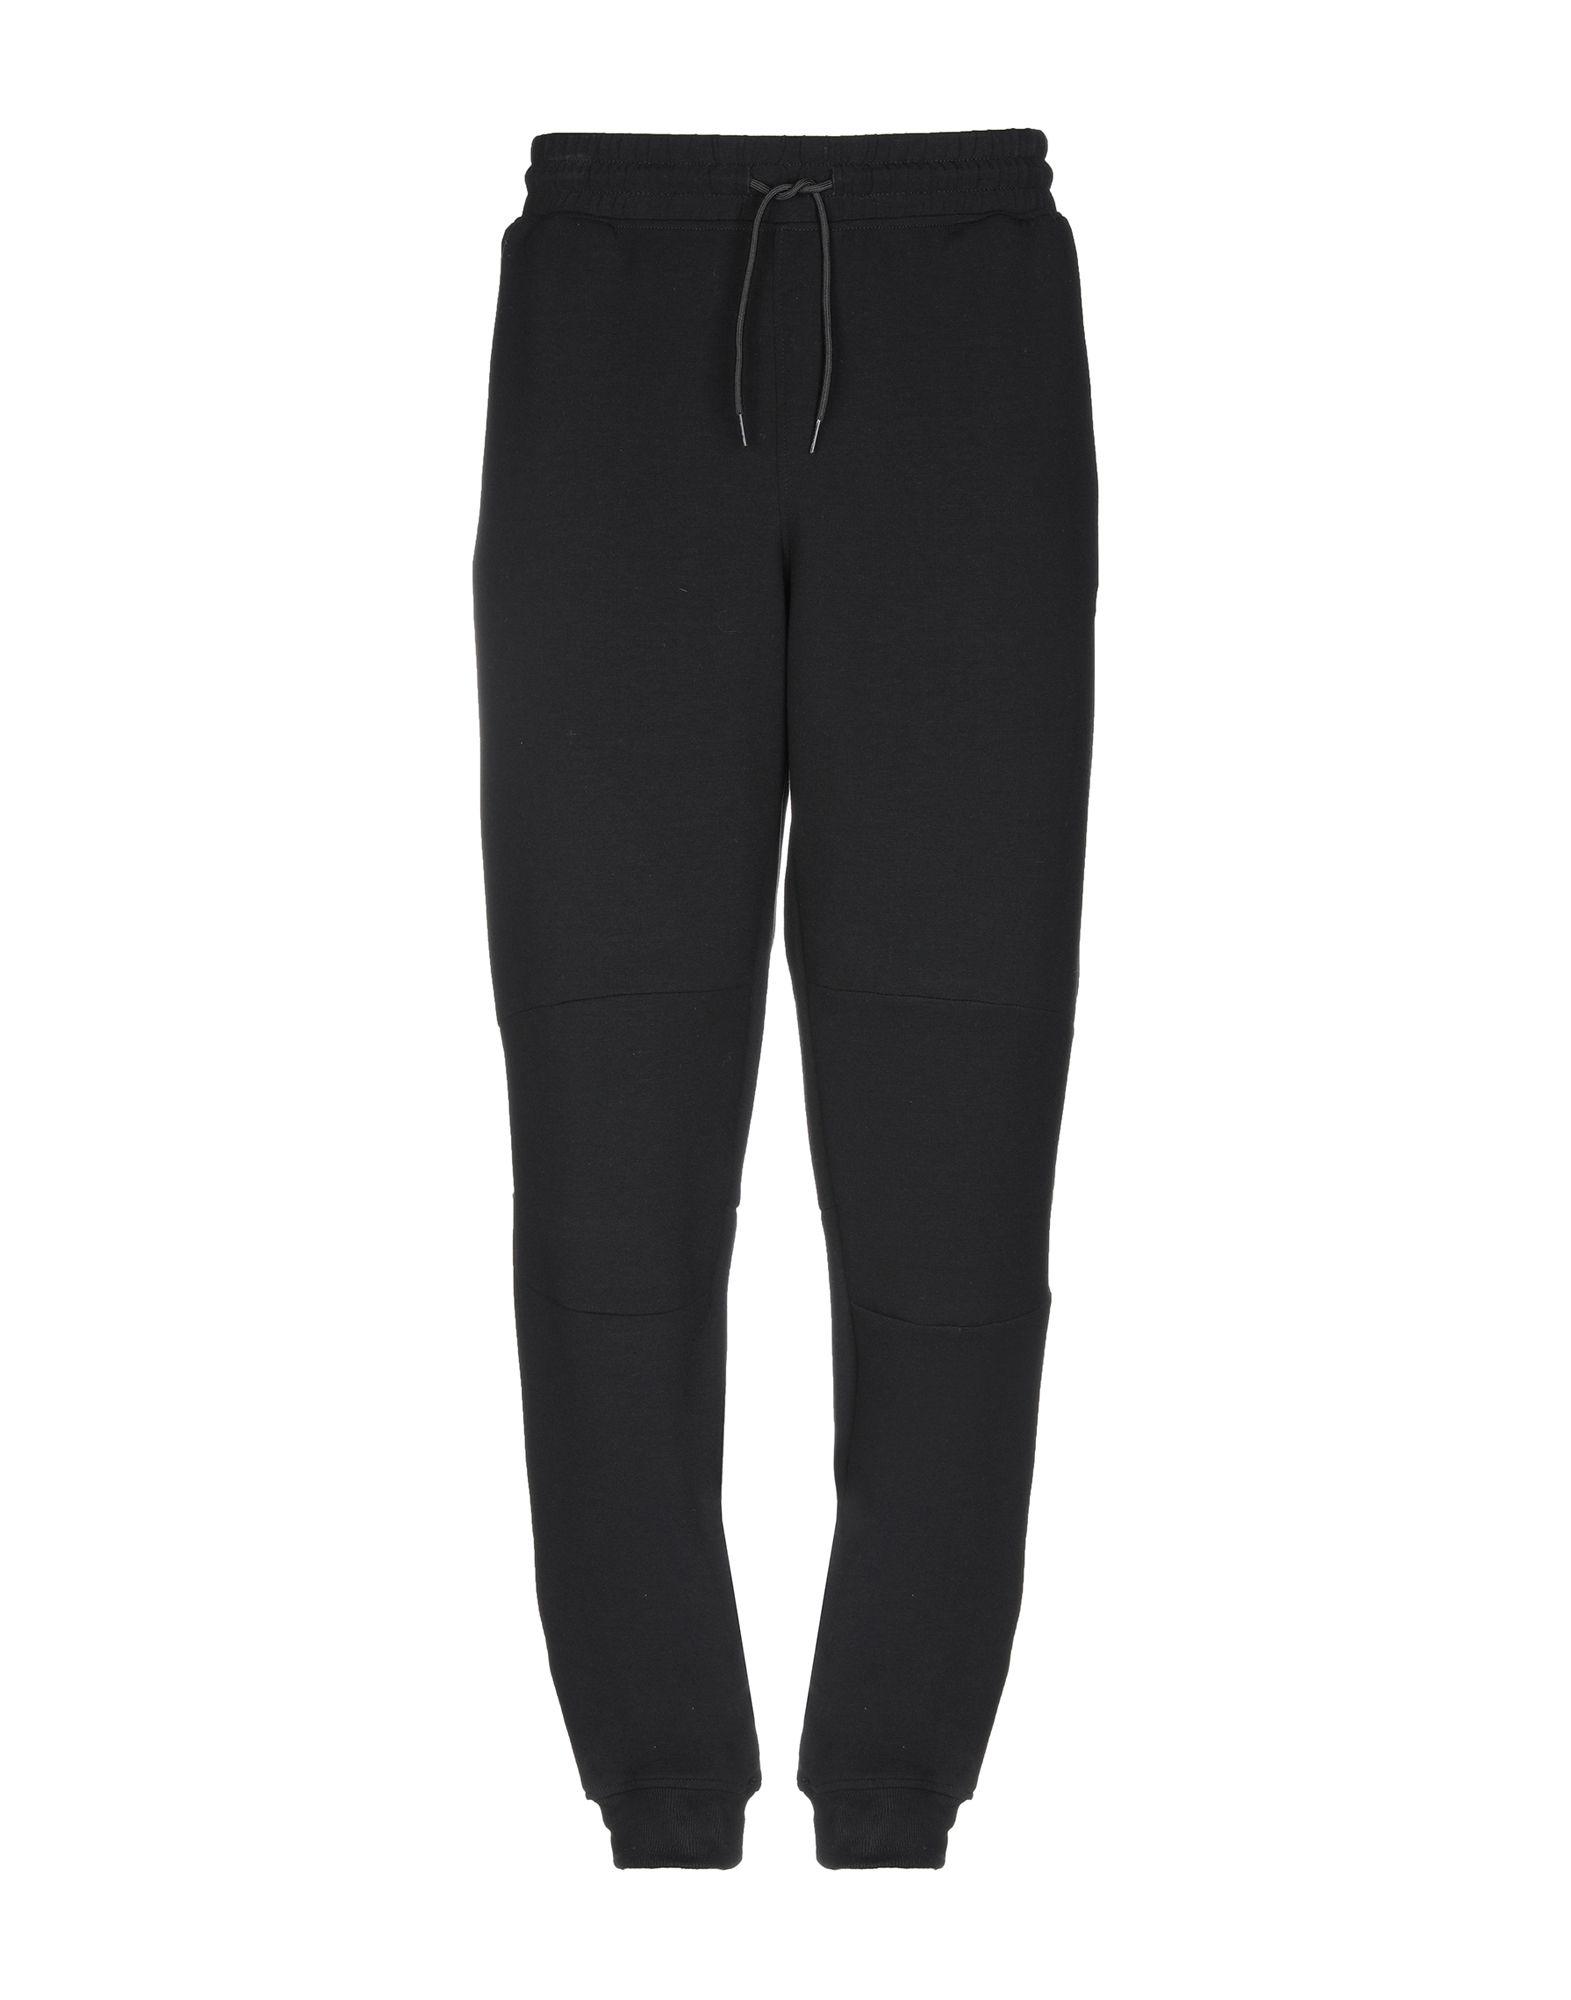 THE ATHLETE'S FOOT Повседневные брюки